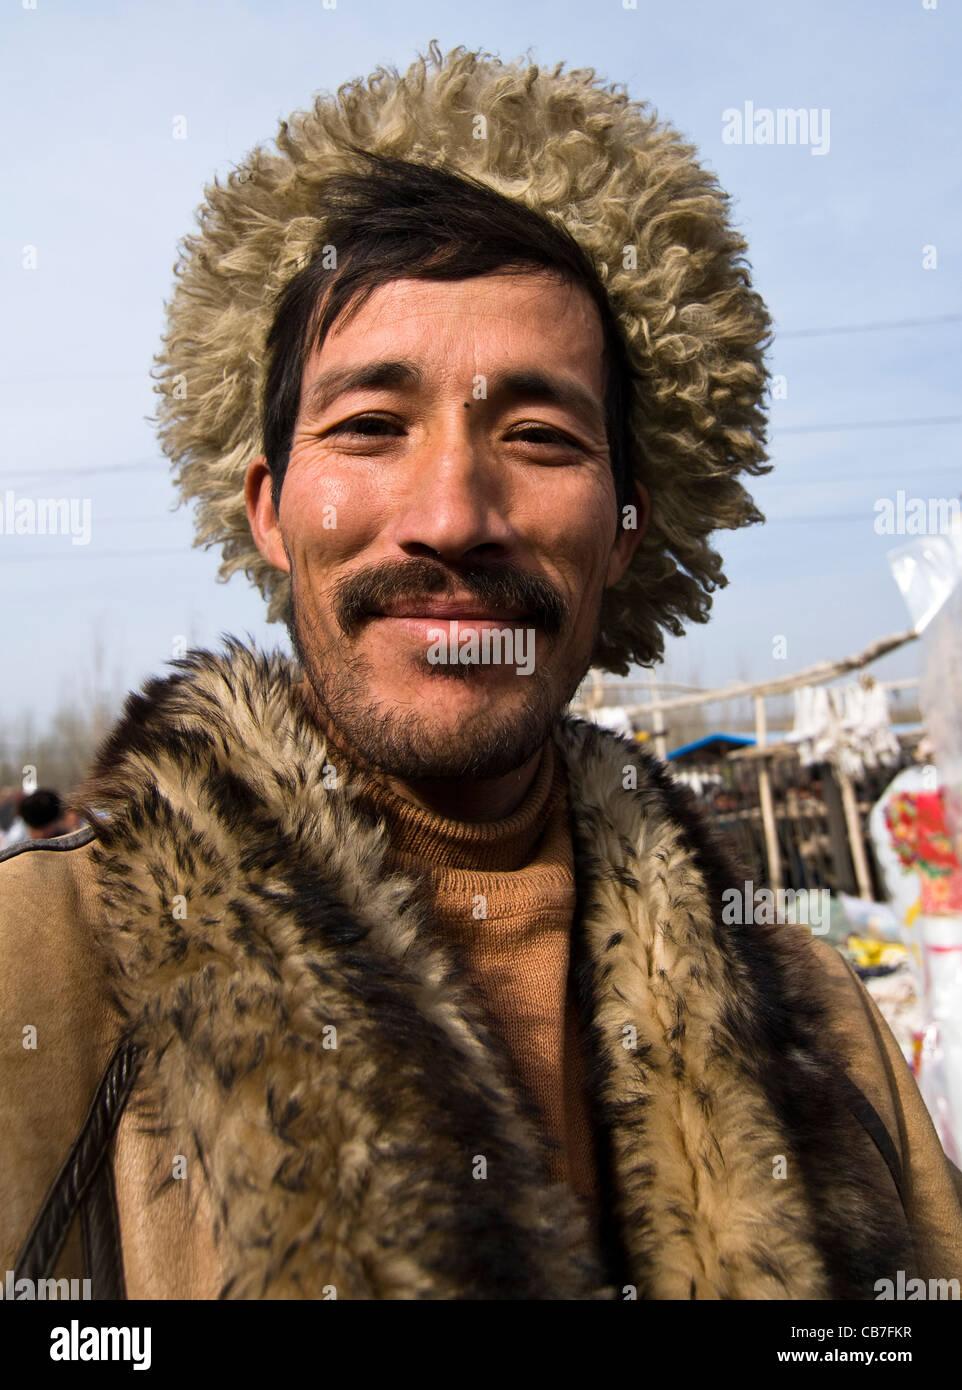 Dating kazakh man